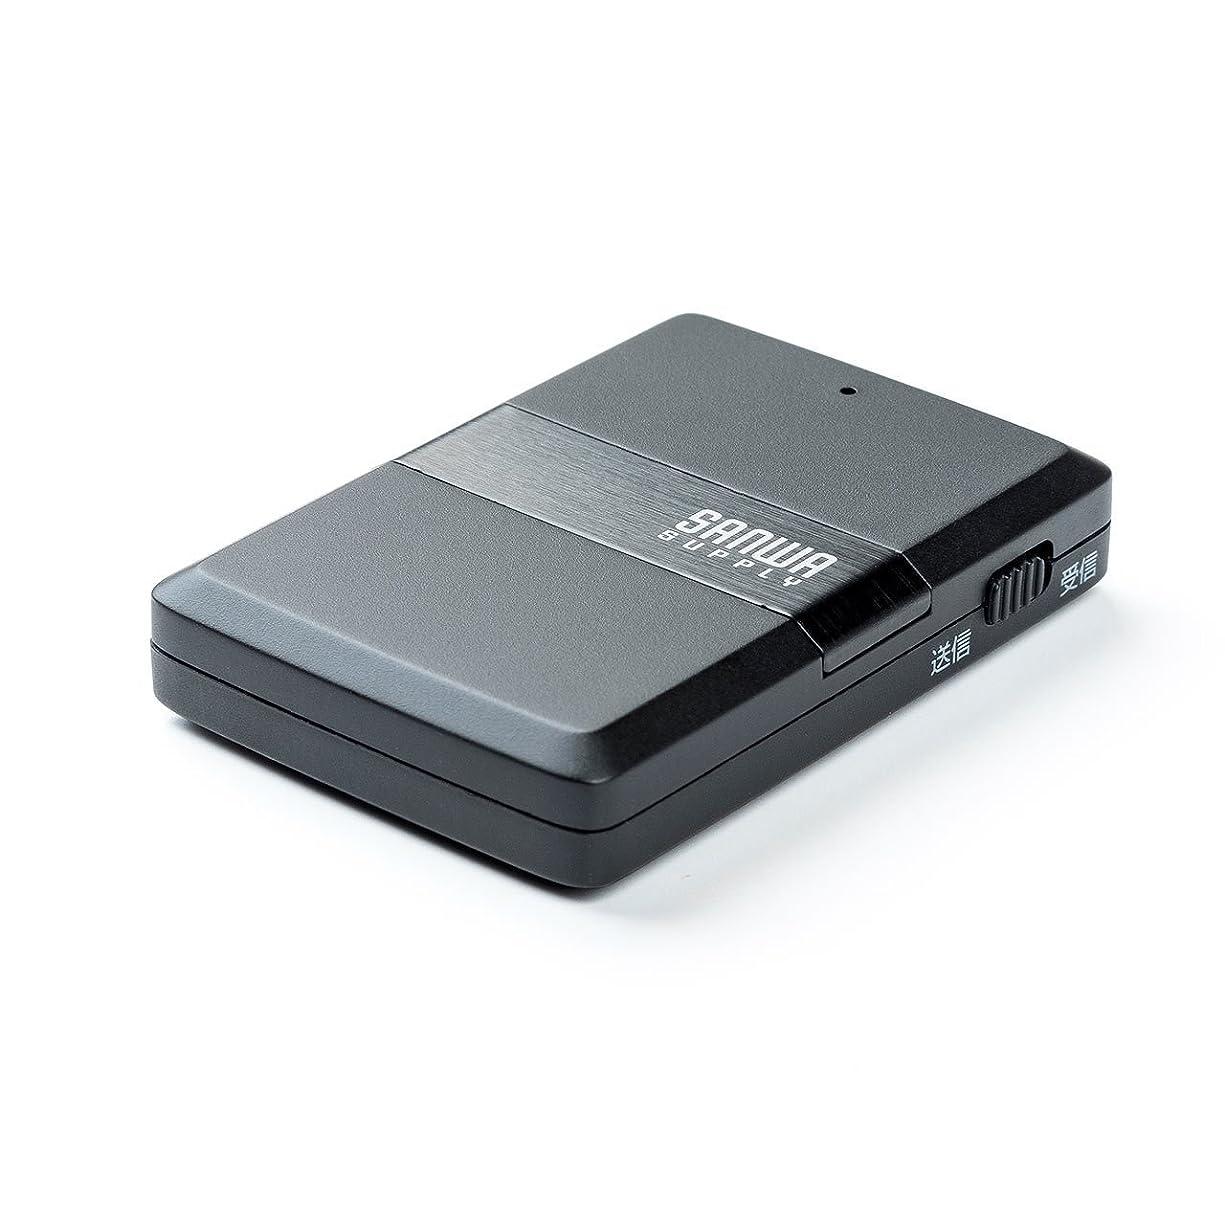 工業用空メンテナンスイーサプライ Bluetoothオーディオレシーバー&トランスミッター 2台同時接続 apt-X Low Latency対応 低遅延 EZ4-BTAD006